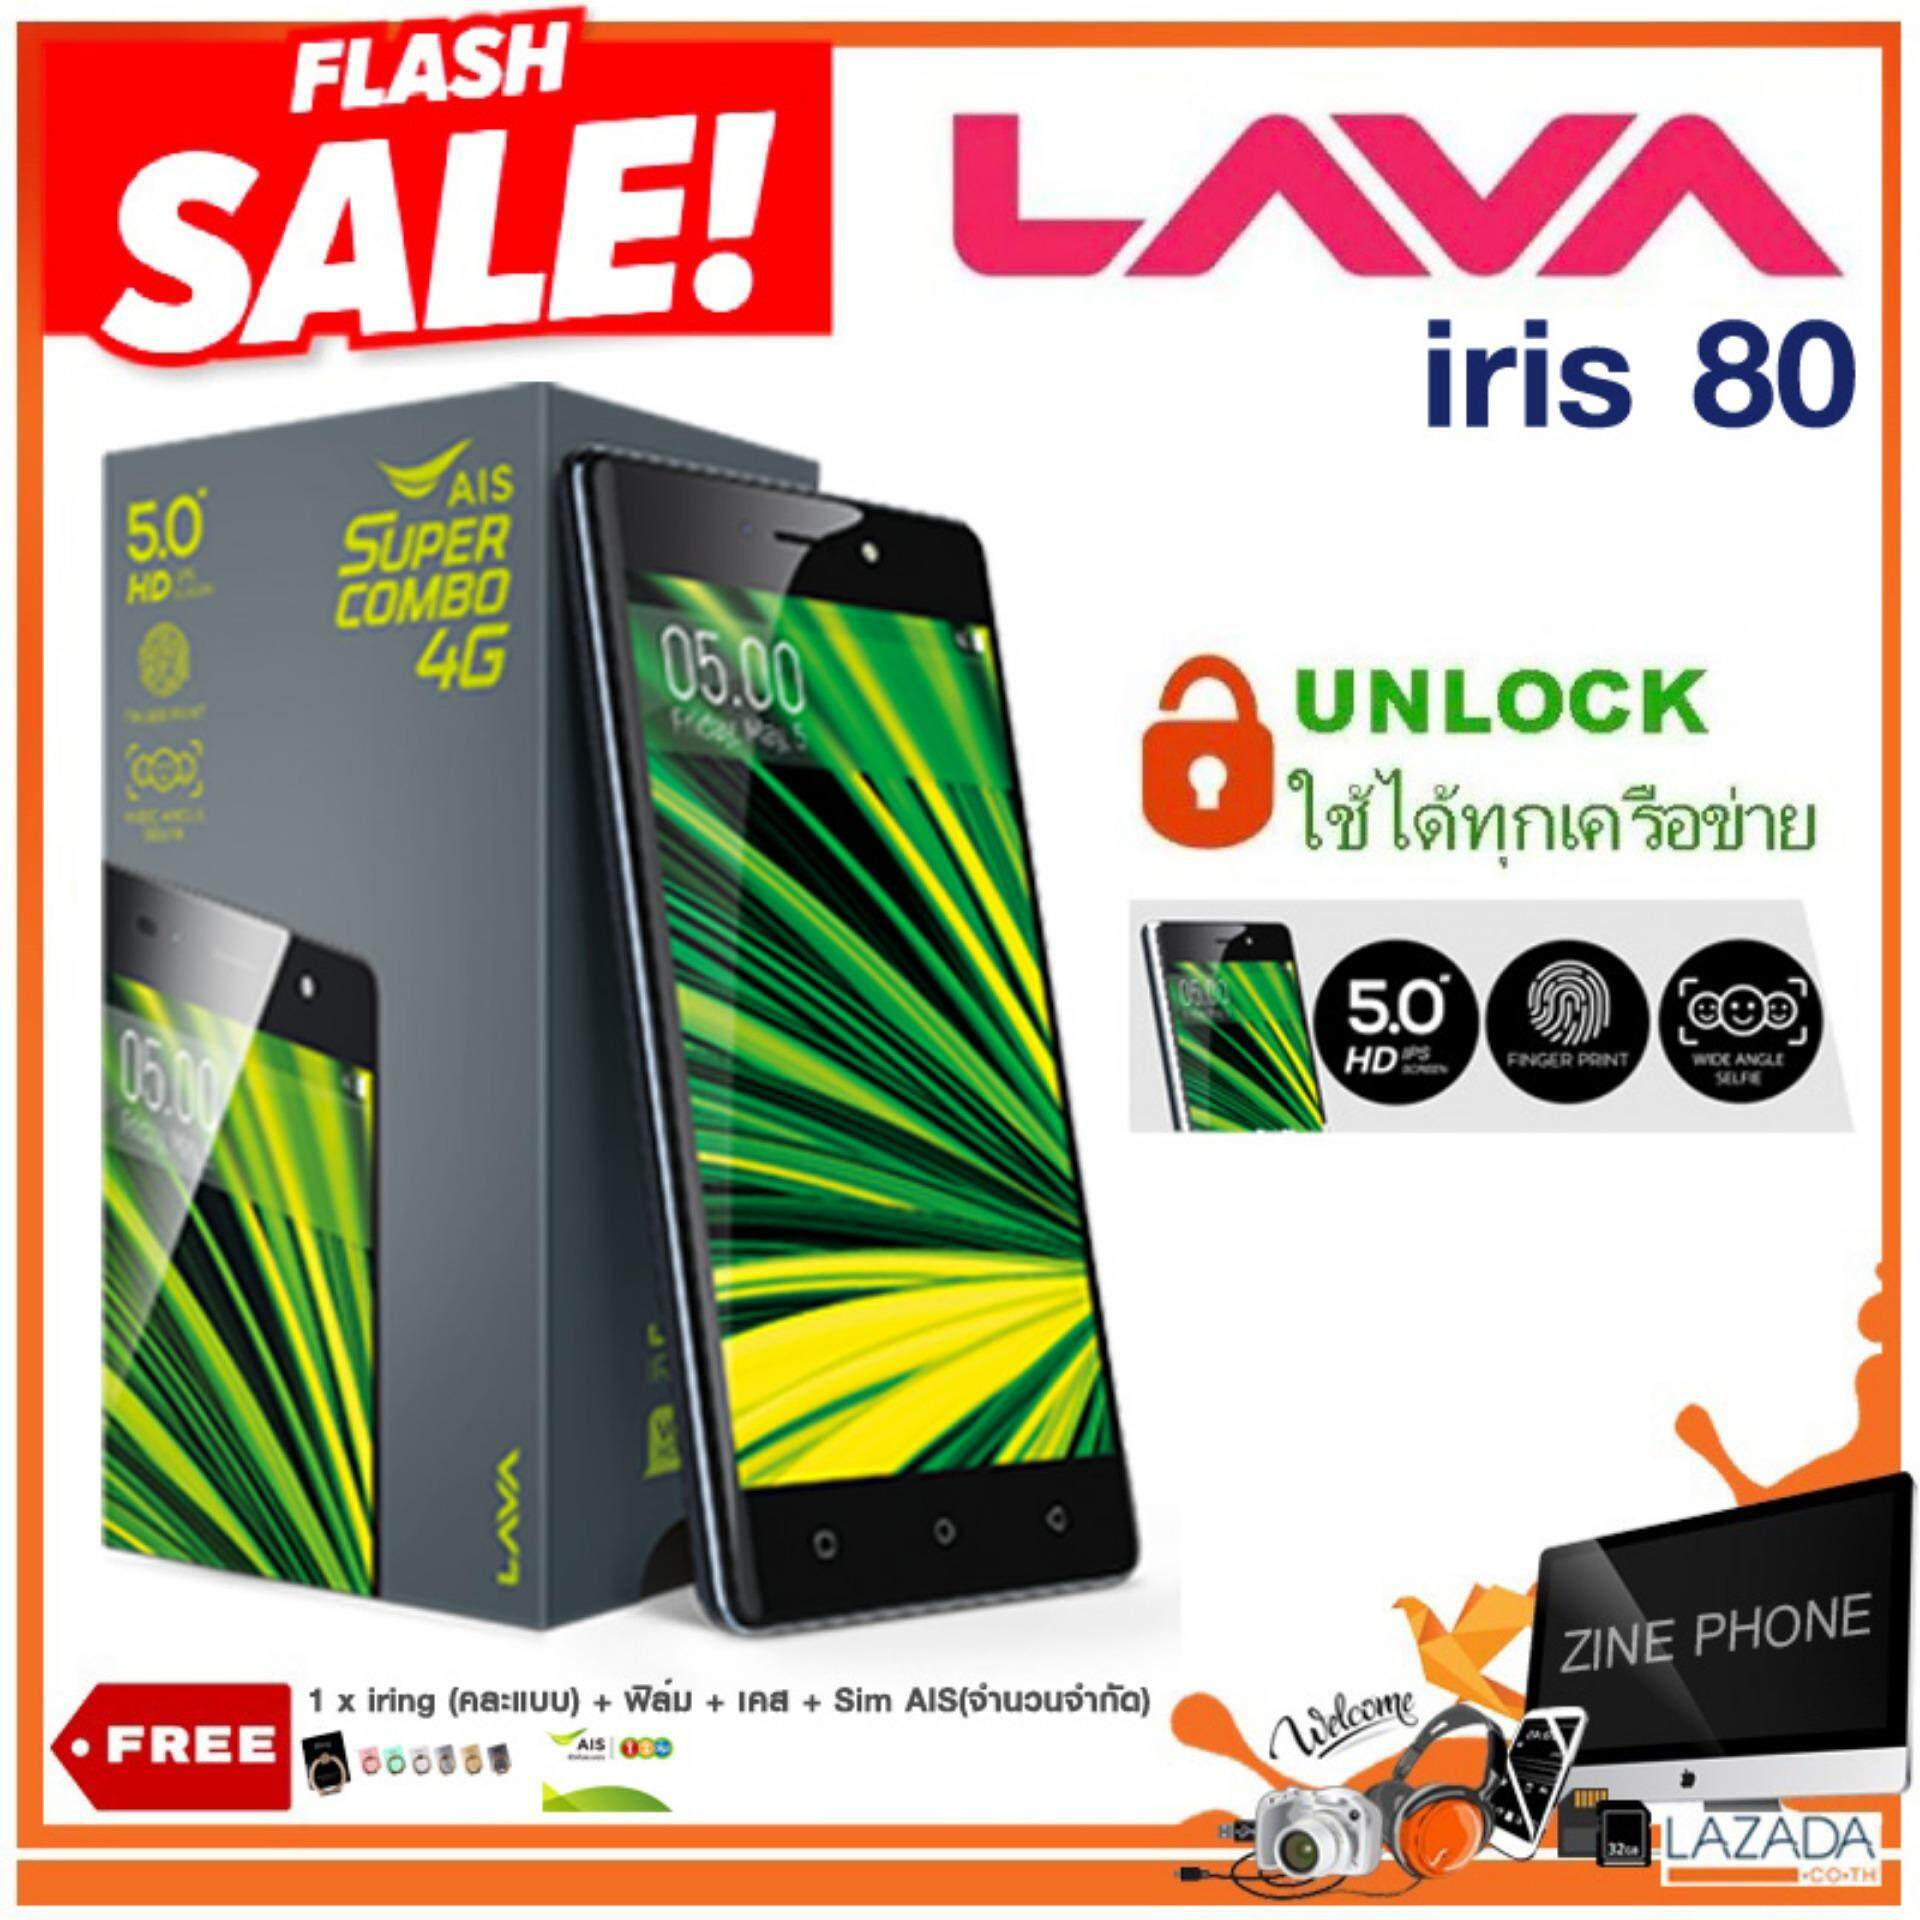 โปรโมชั่น มือถือ Ais Lava Iris 80 4G จอ Hd 5 นิ้ว Unlock ใช้ได้ทุกเครือข่าย สแกนลายนิ้วมือได้ สีดำ ใช้ได้ 2 Sim มือถือราคาถูก By Zine Phone สั่งปุ๊ป แพคปั๊บ ใส่ใจคุณภาพ ถูก